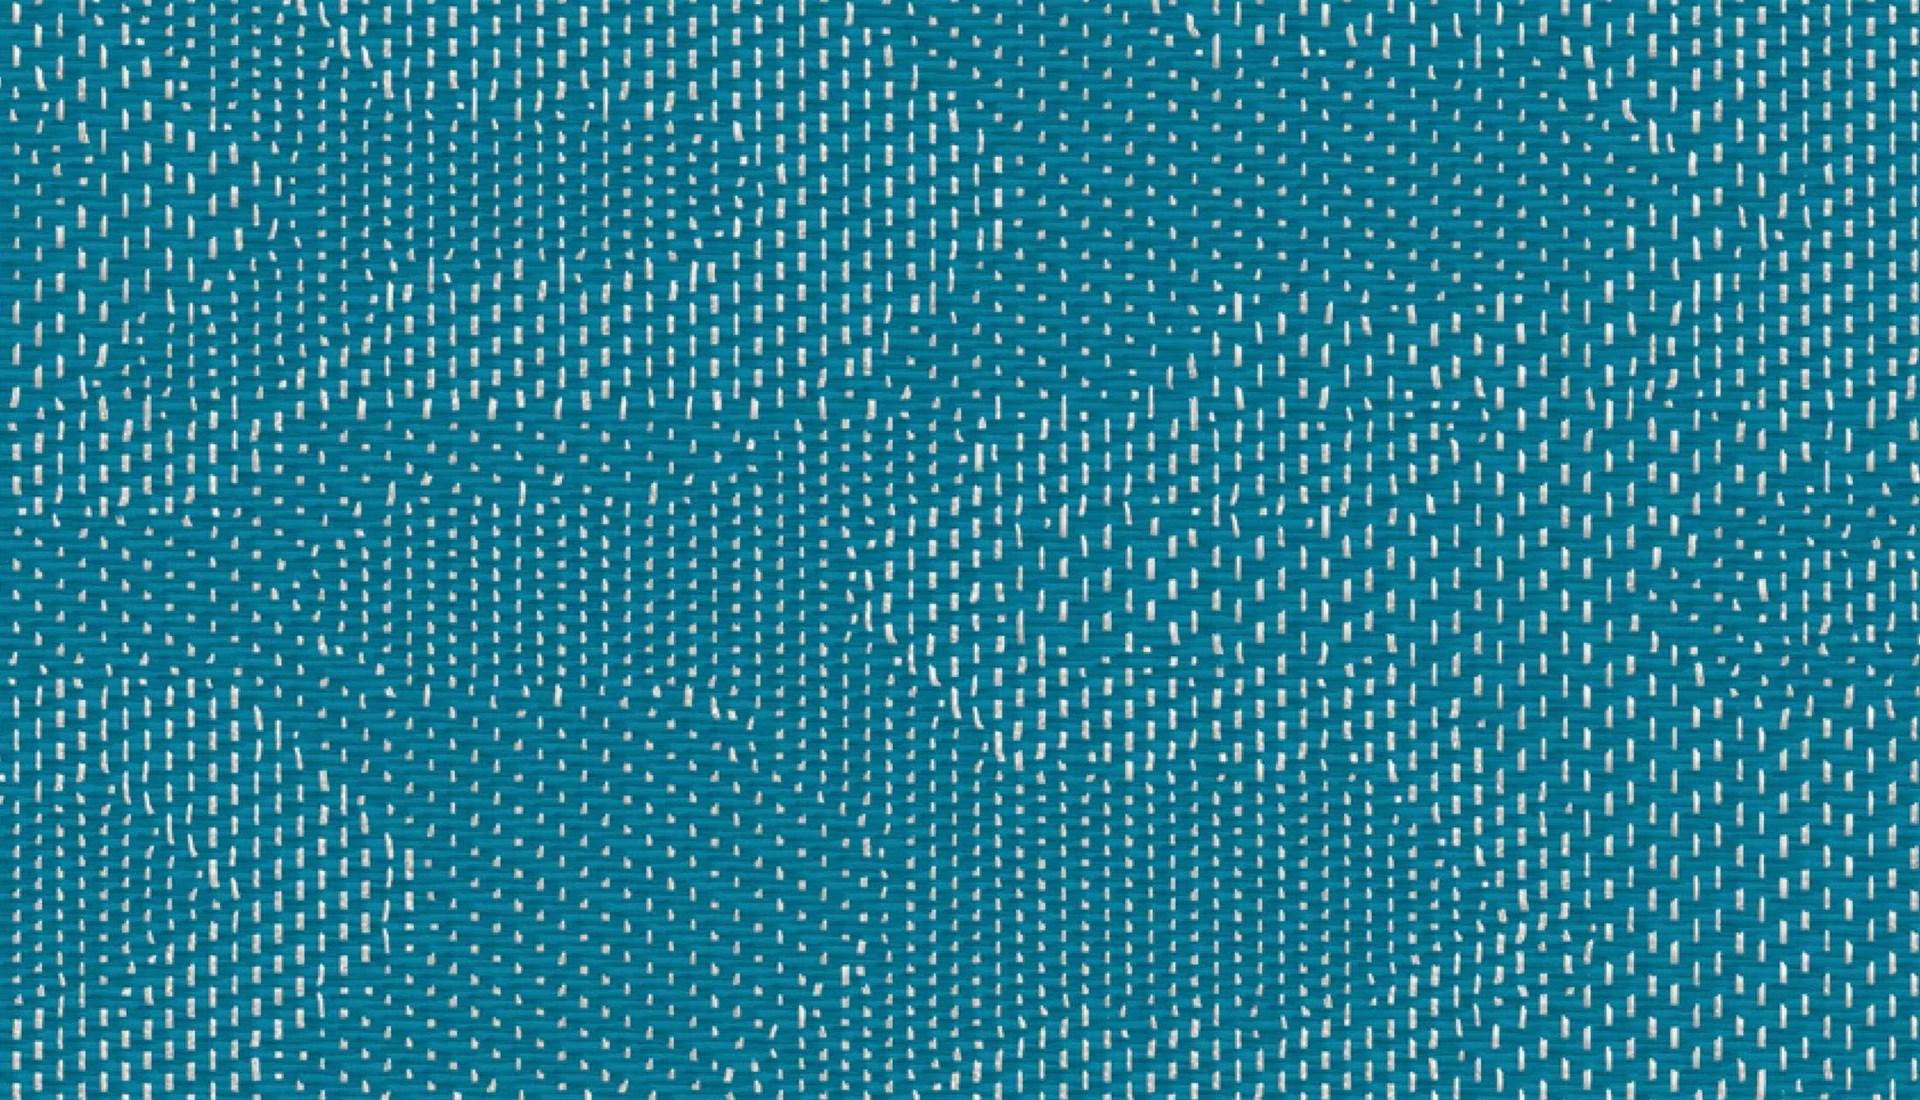 Bolonbymissoniopticalturquoise2 2x